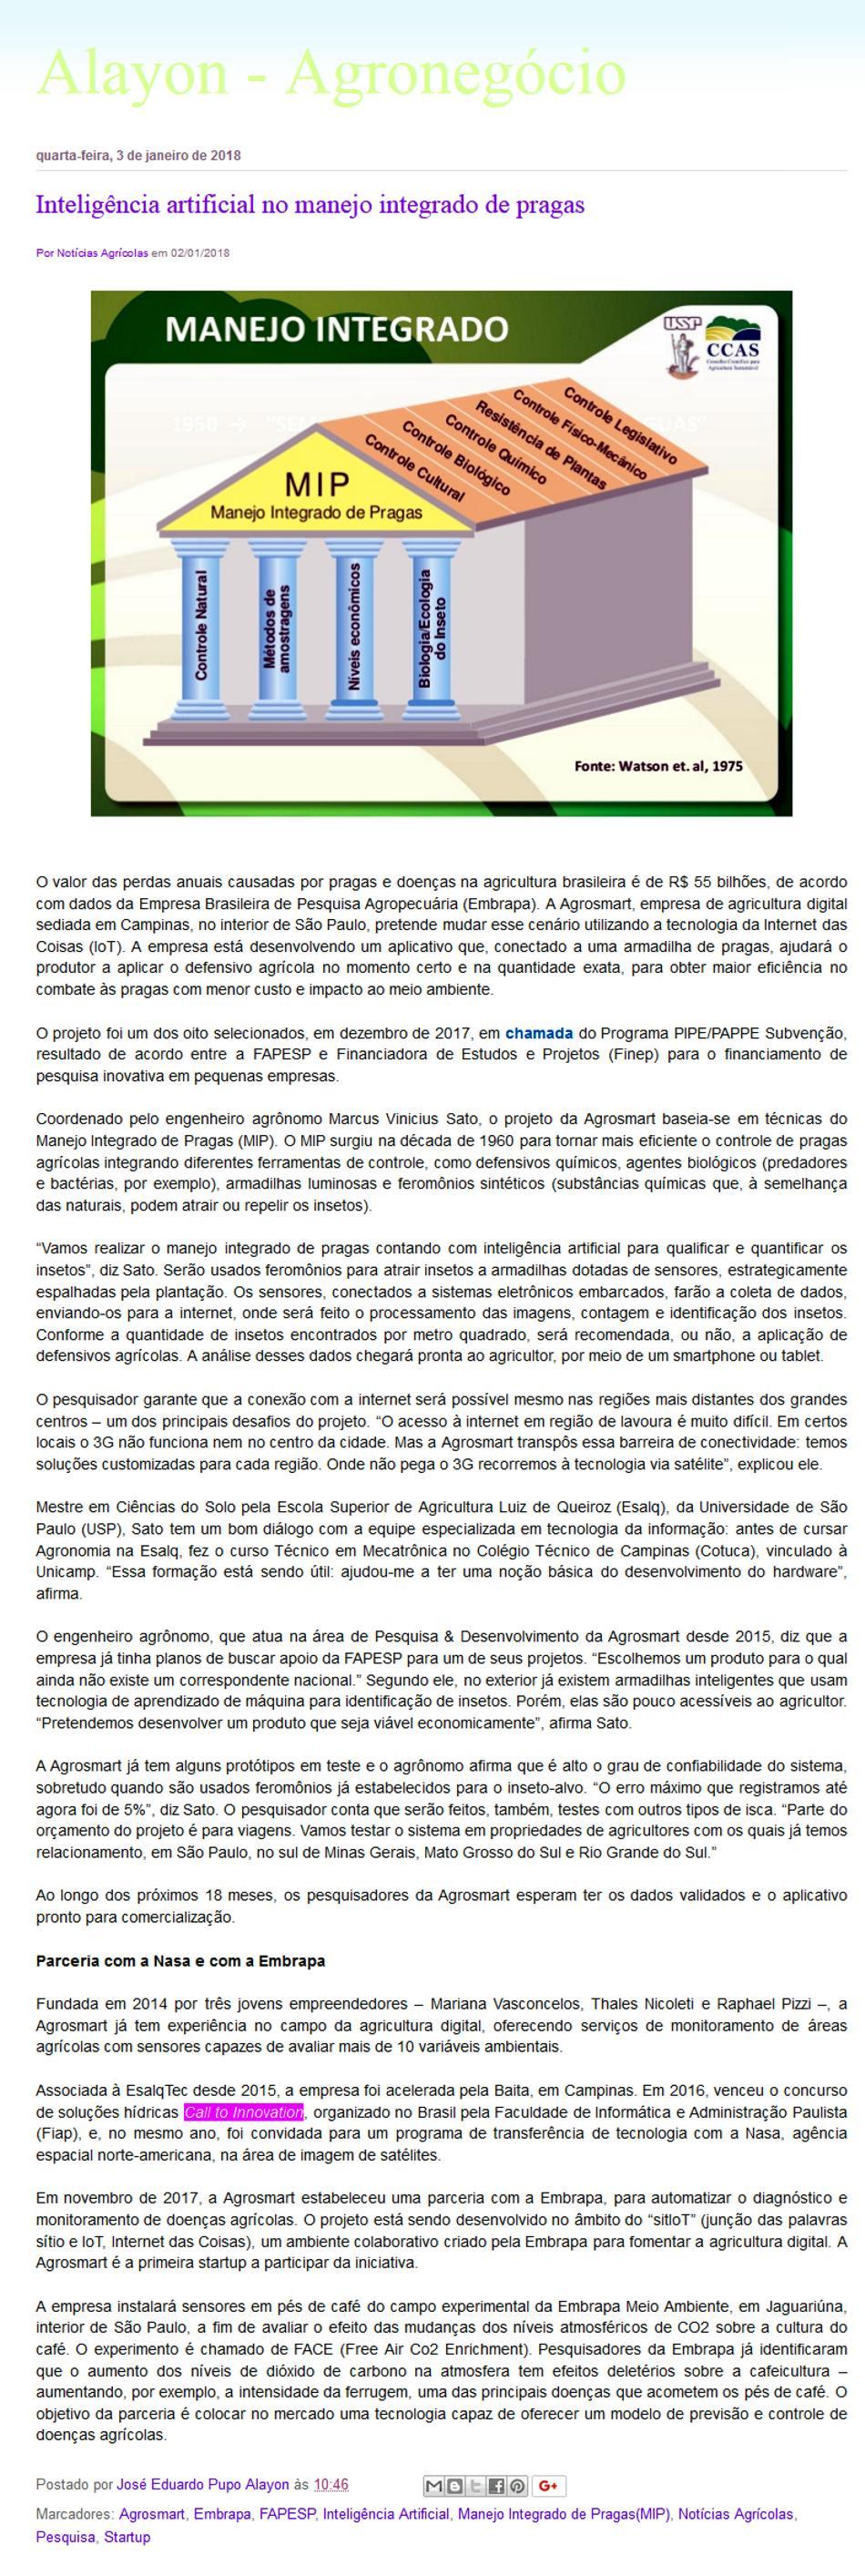 0103- Blog Alayon - Agonegócio